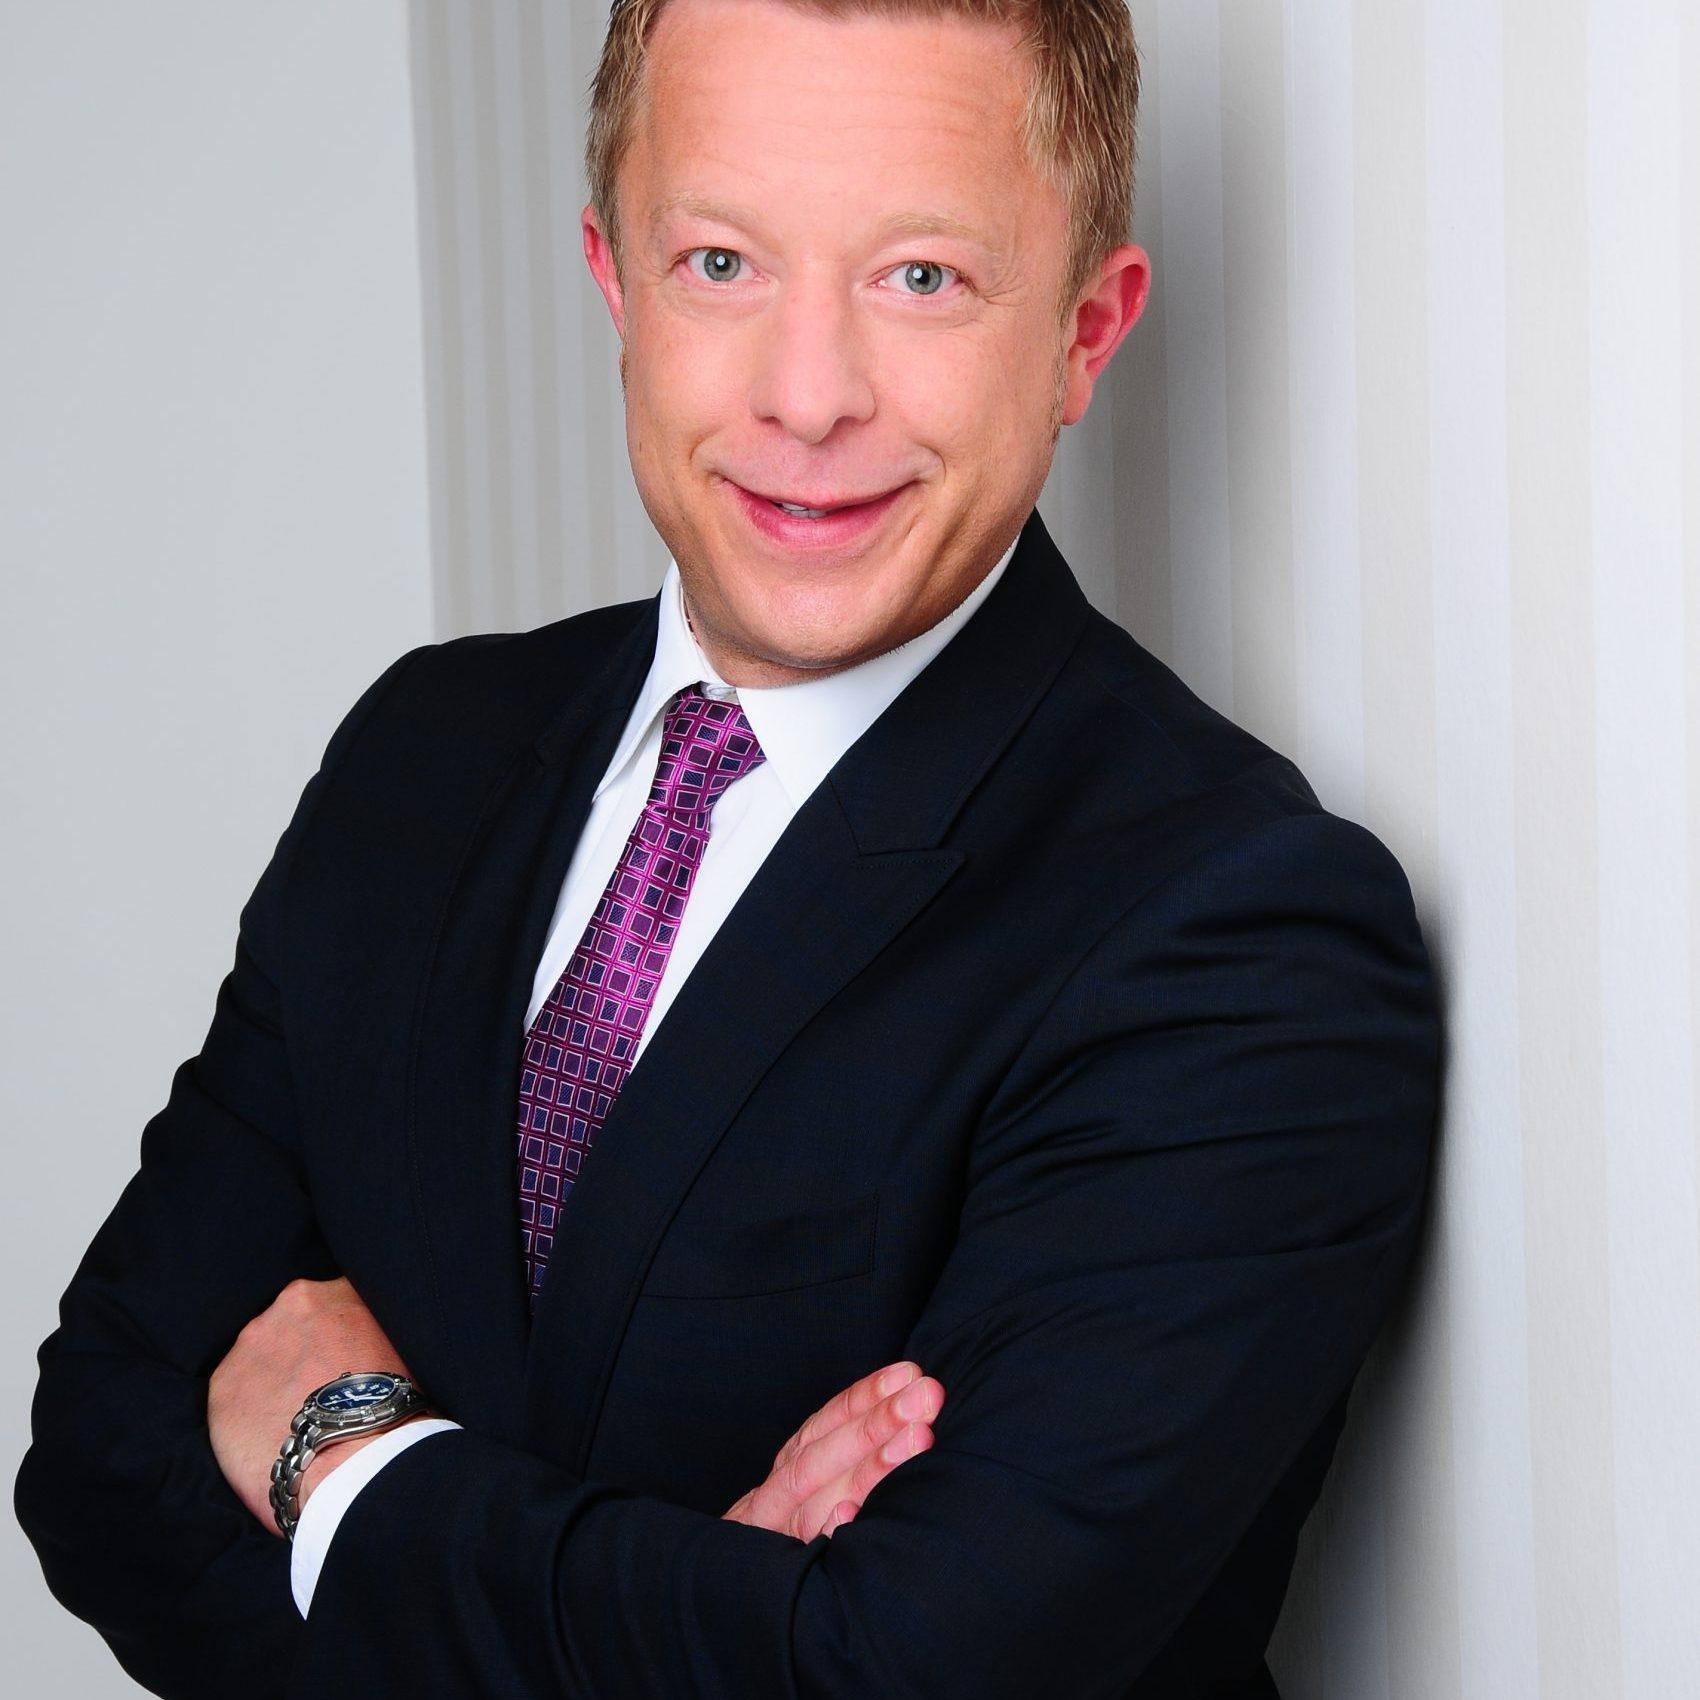 Stefan Zurawski